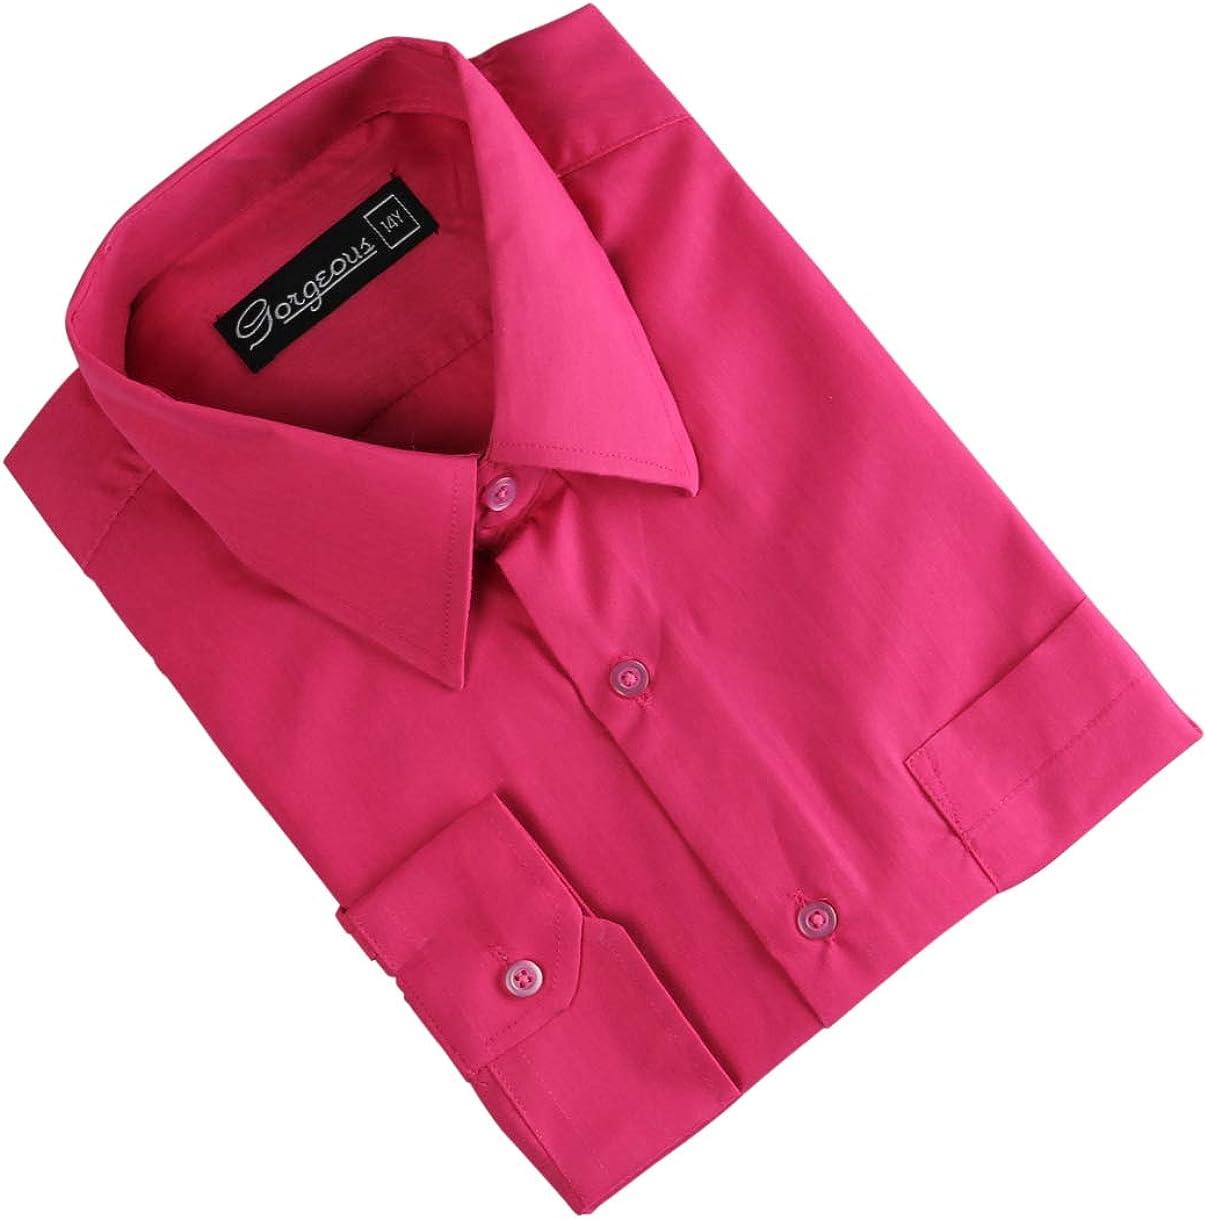 Ozmoint - Camisa de manga larga para niños, color negro y colores (6 meses a 16 años): Amazon.es: Ropa y accesorios